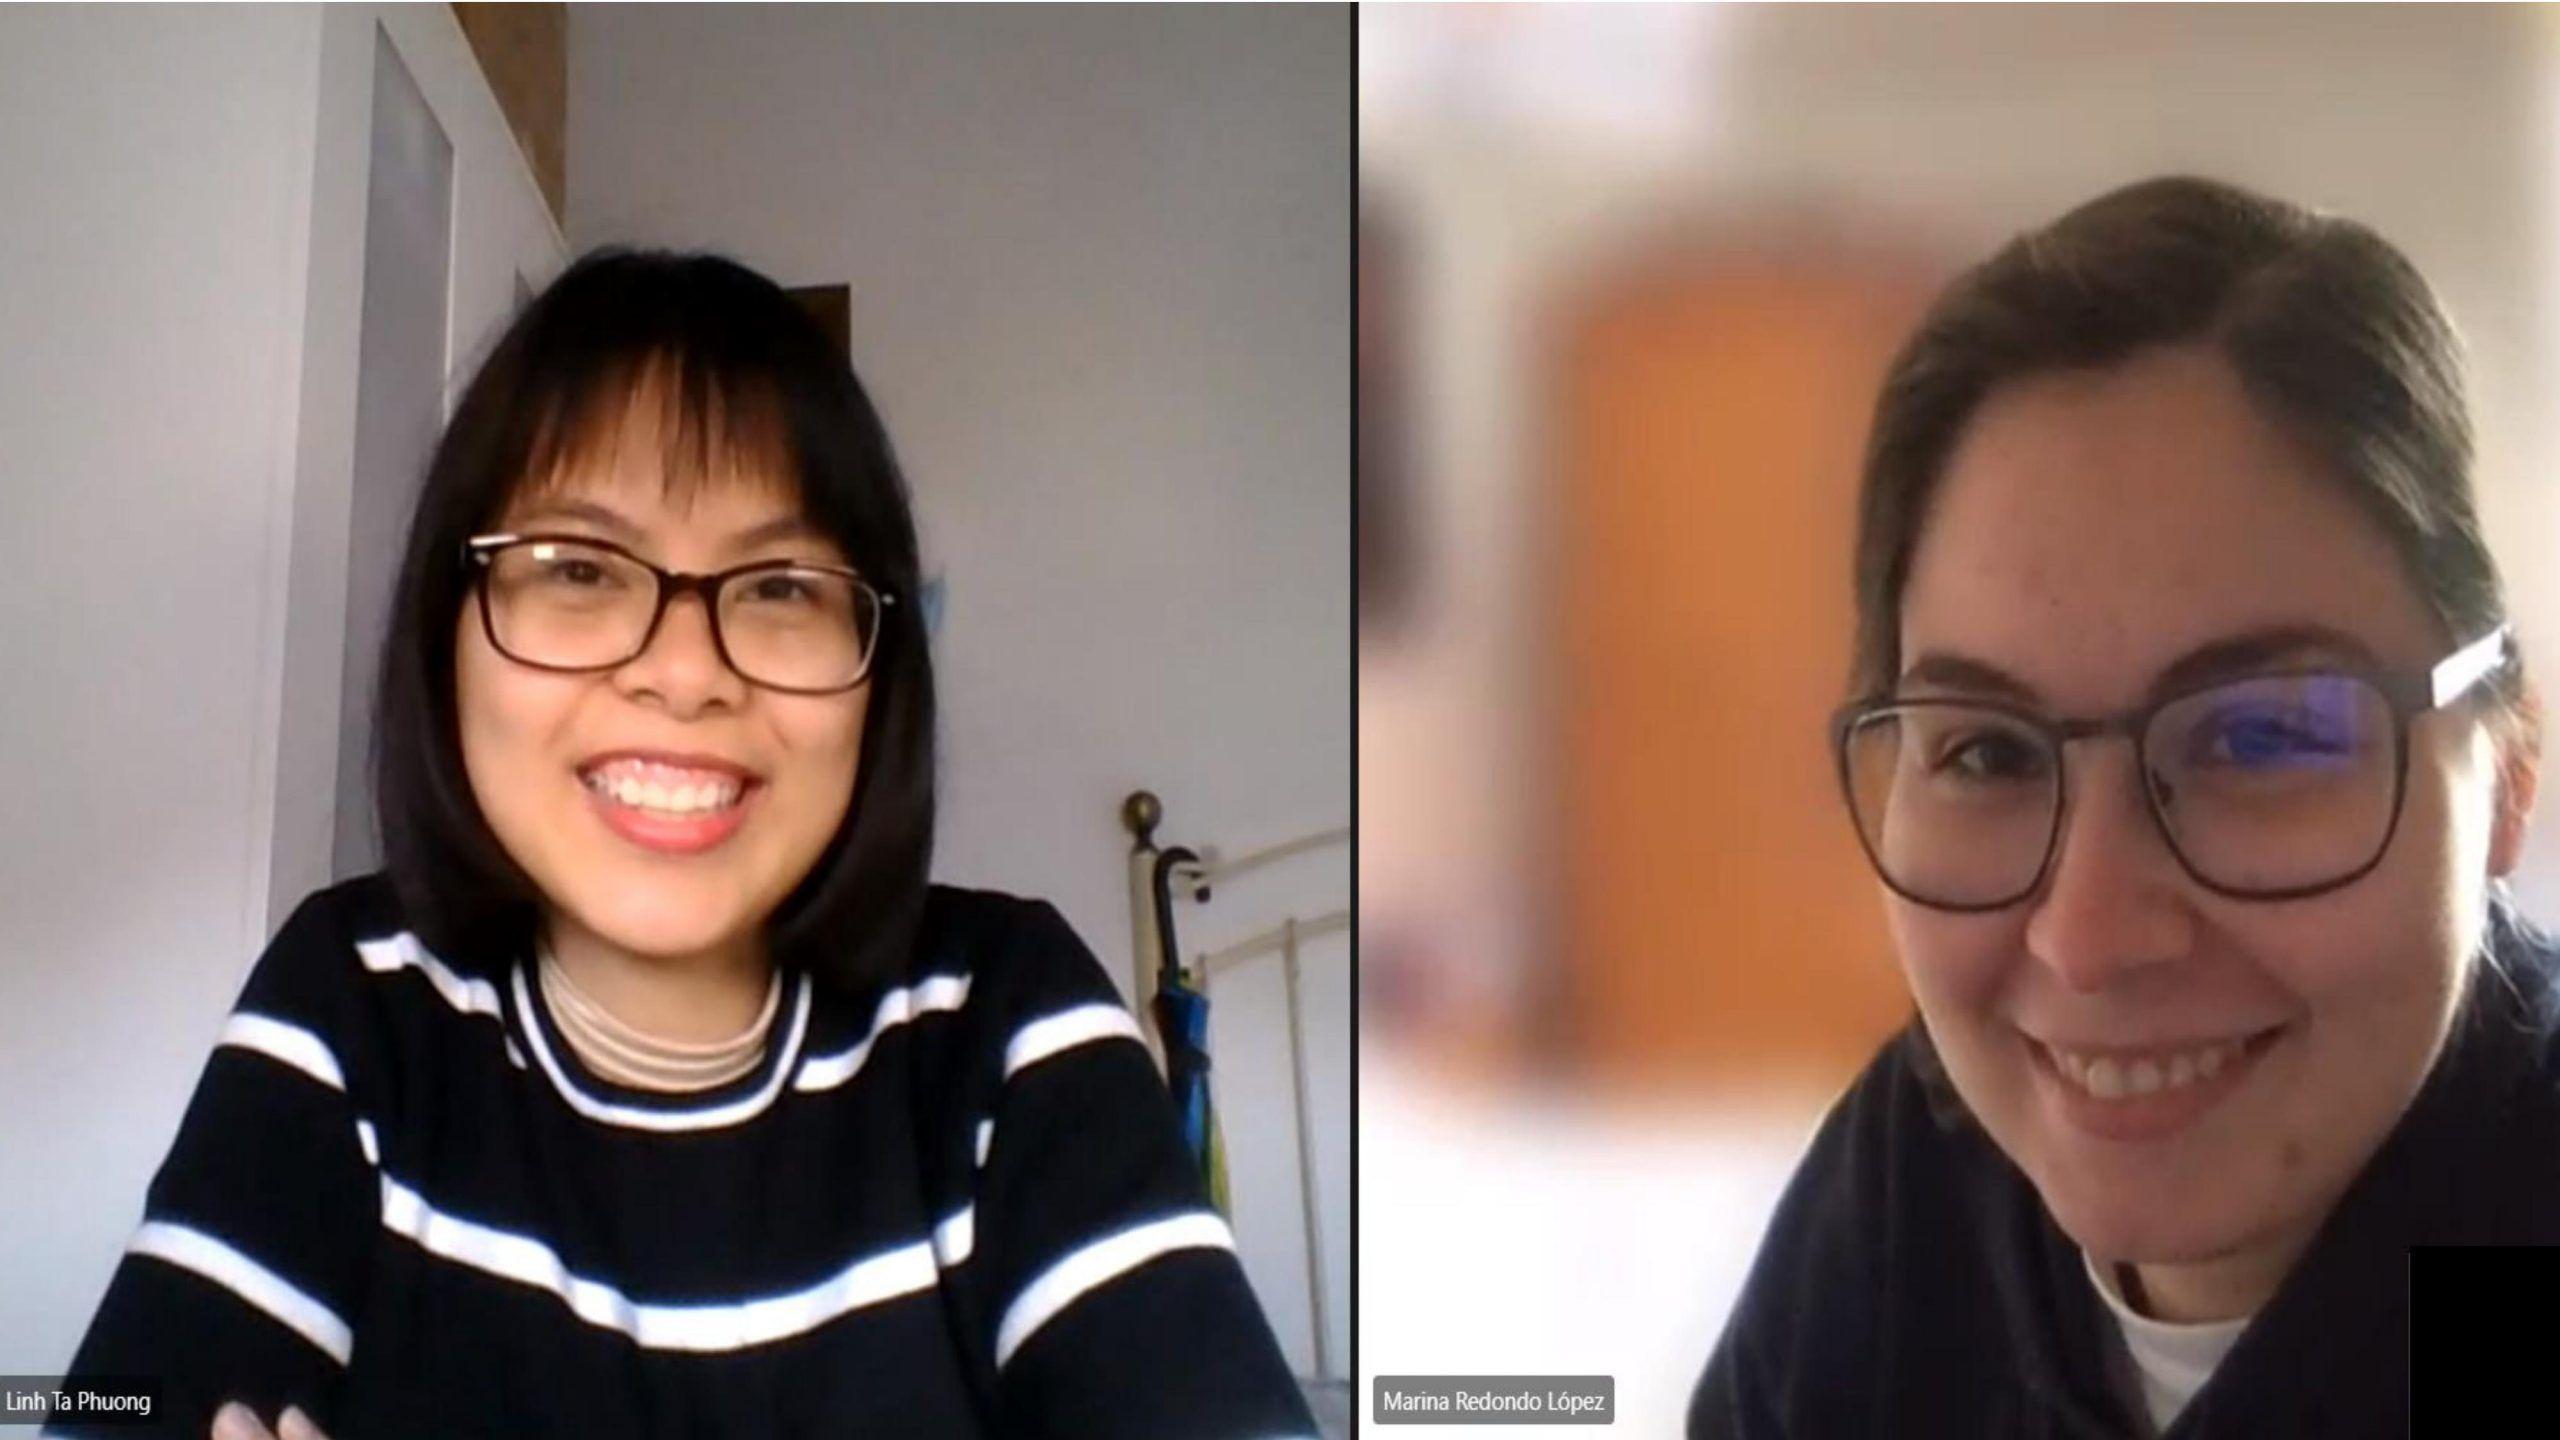 Linh Ta Phuong y Marina Redondo, estudiantes de Farmacia y Diseño Industrial autoras del juego Quién es ella en la ciencia.